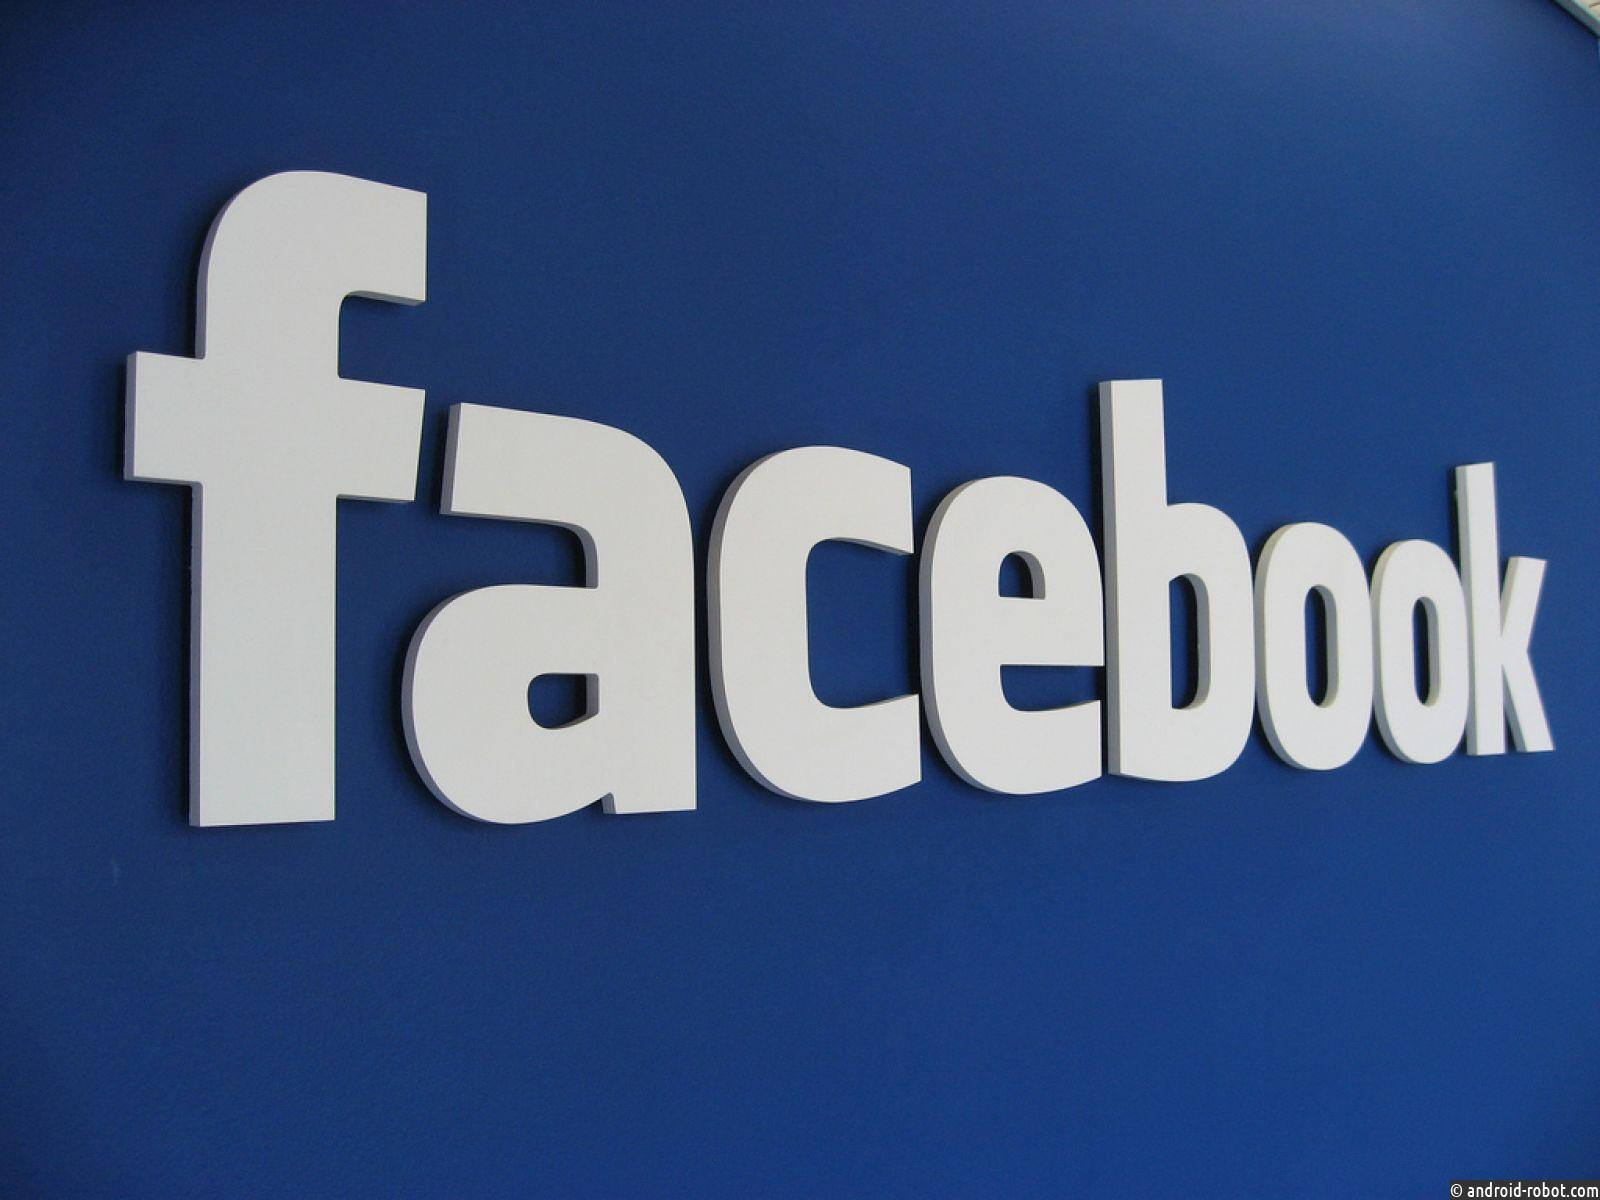 Фейсбук вводит искусственный интеллект, который понимает все посты